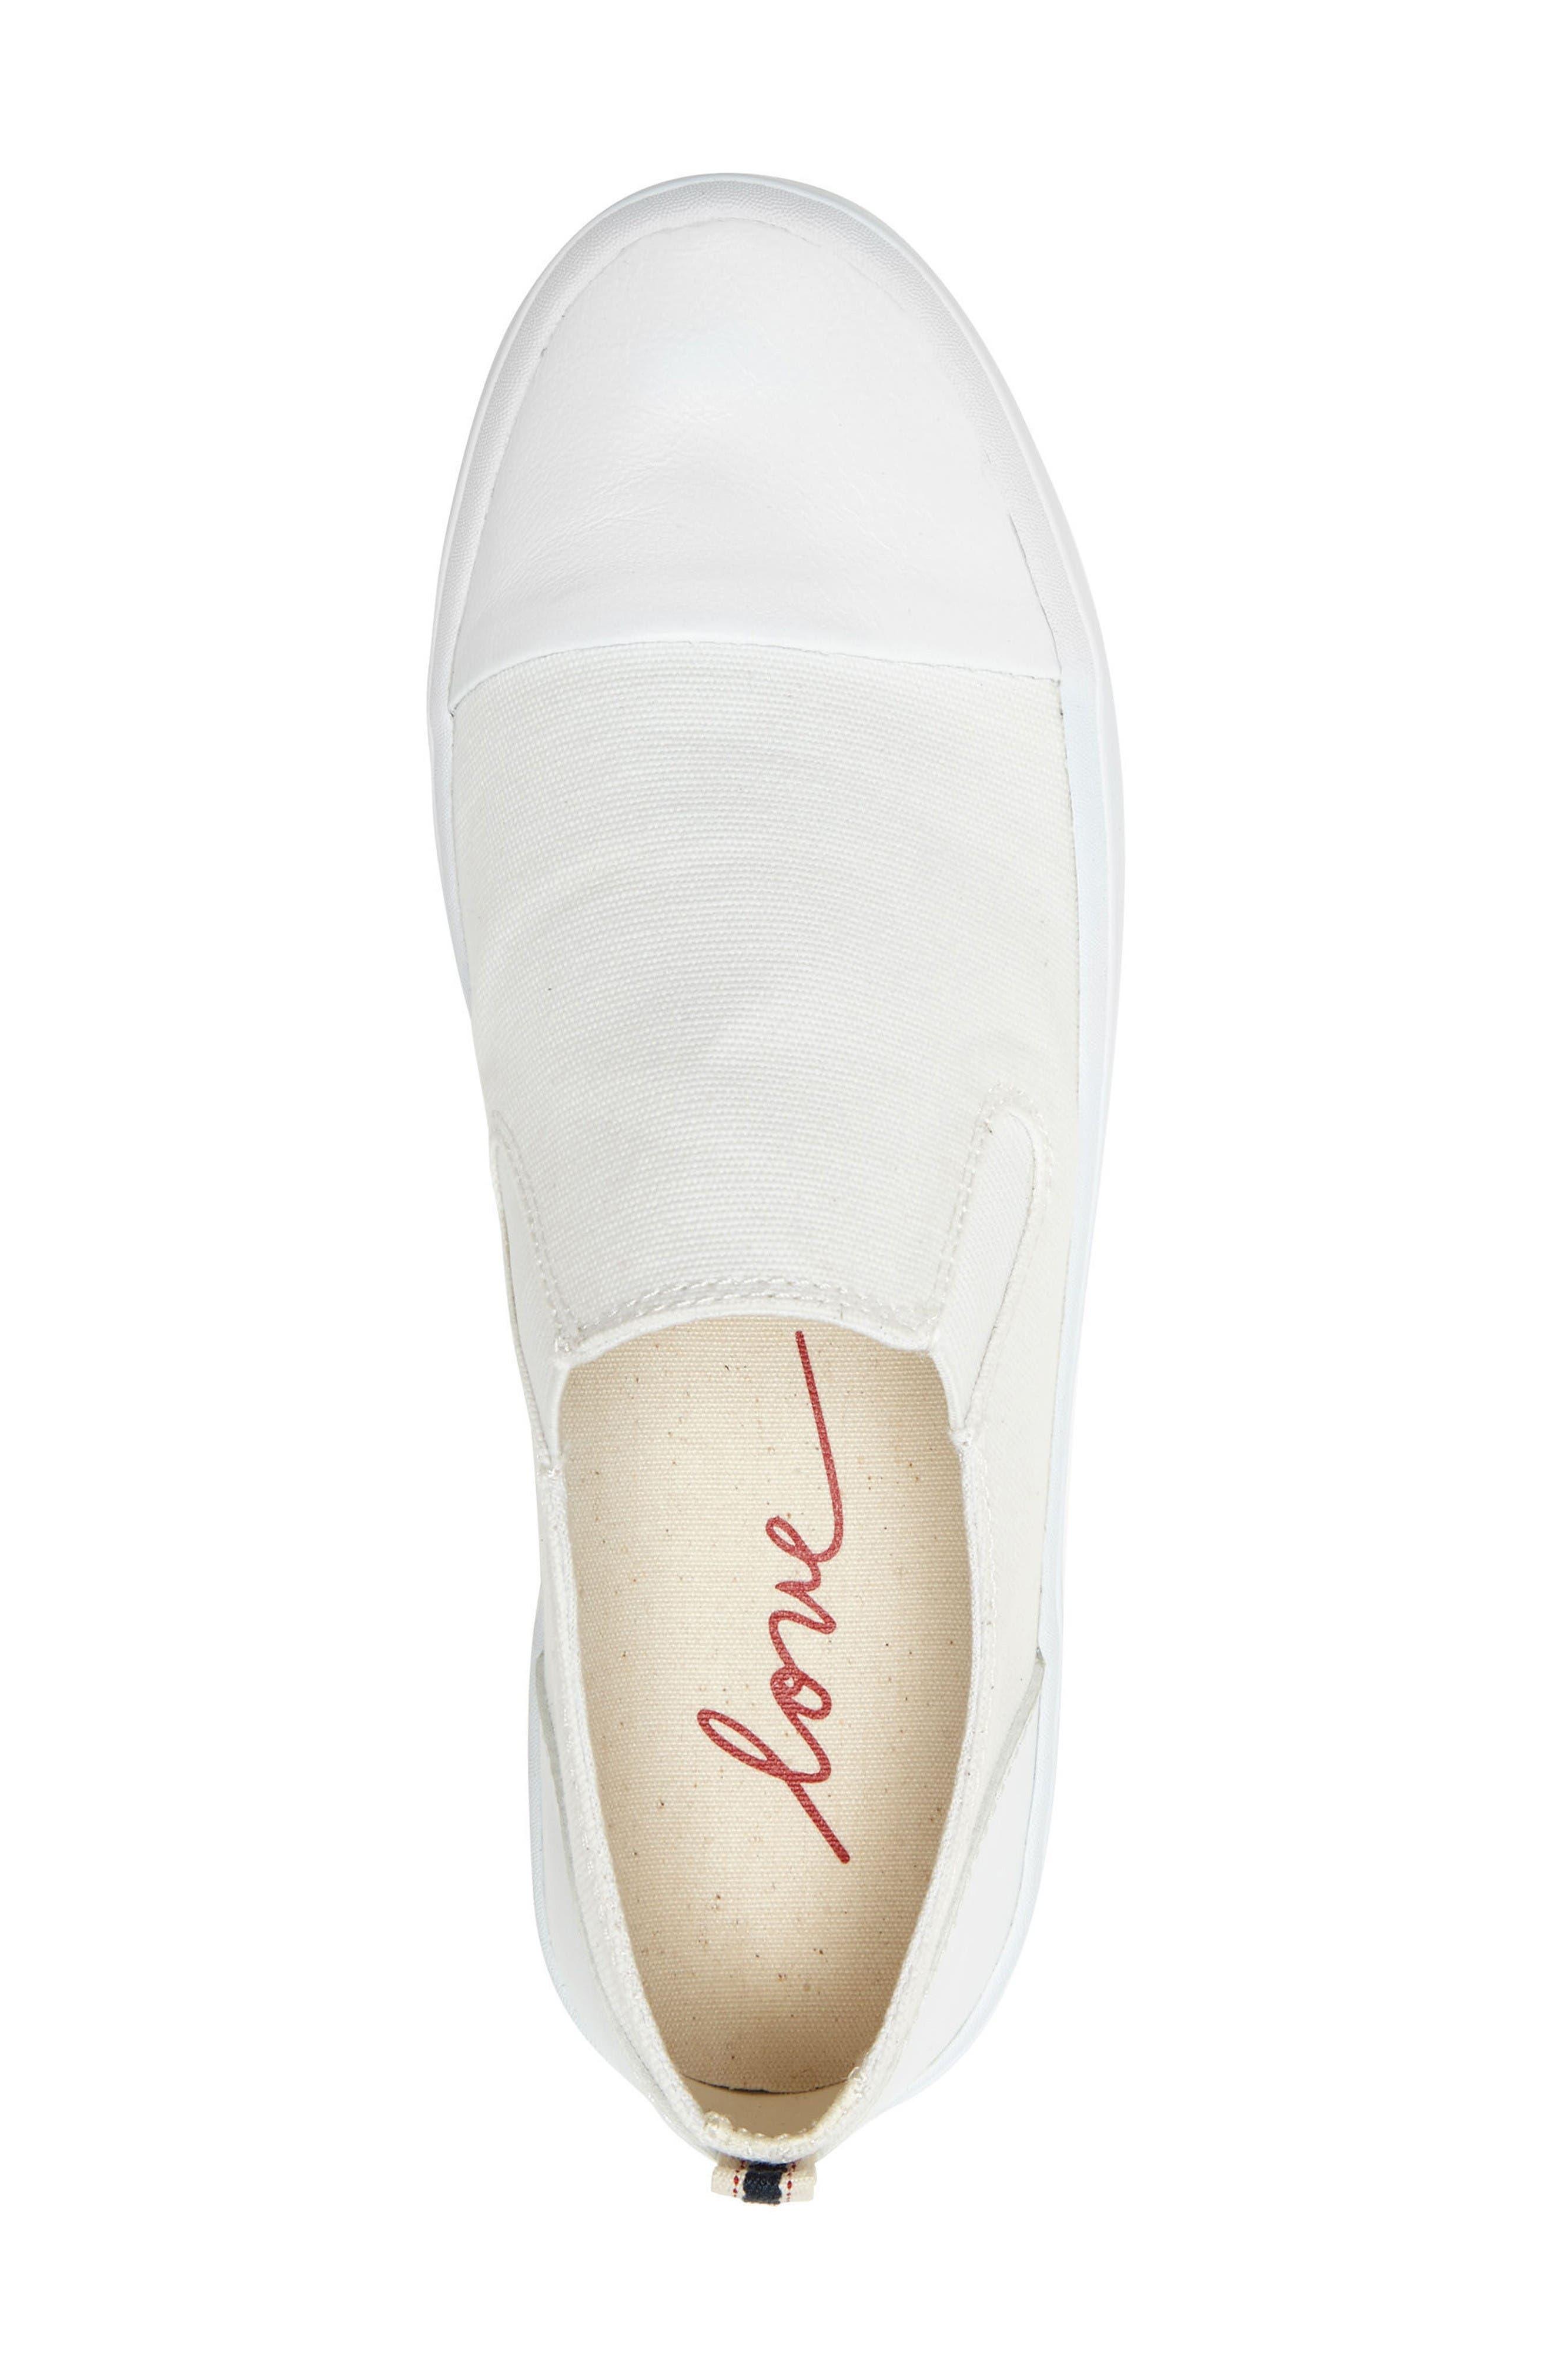 Darja Slip-On Sneaker,                             Alternate thumbnail 4, color,                             Pure White Fabric